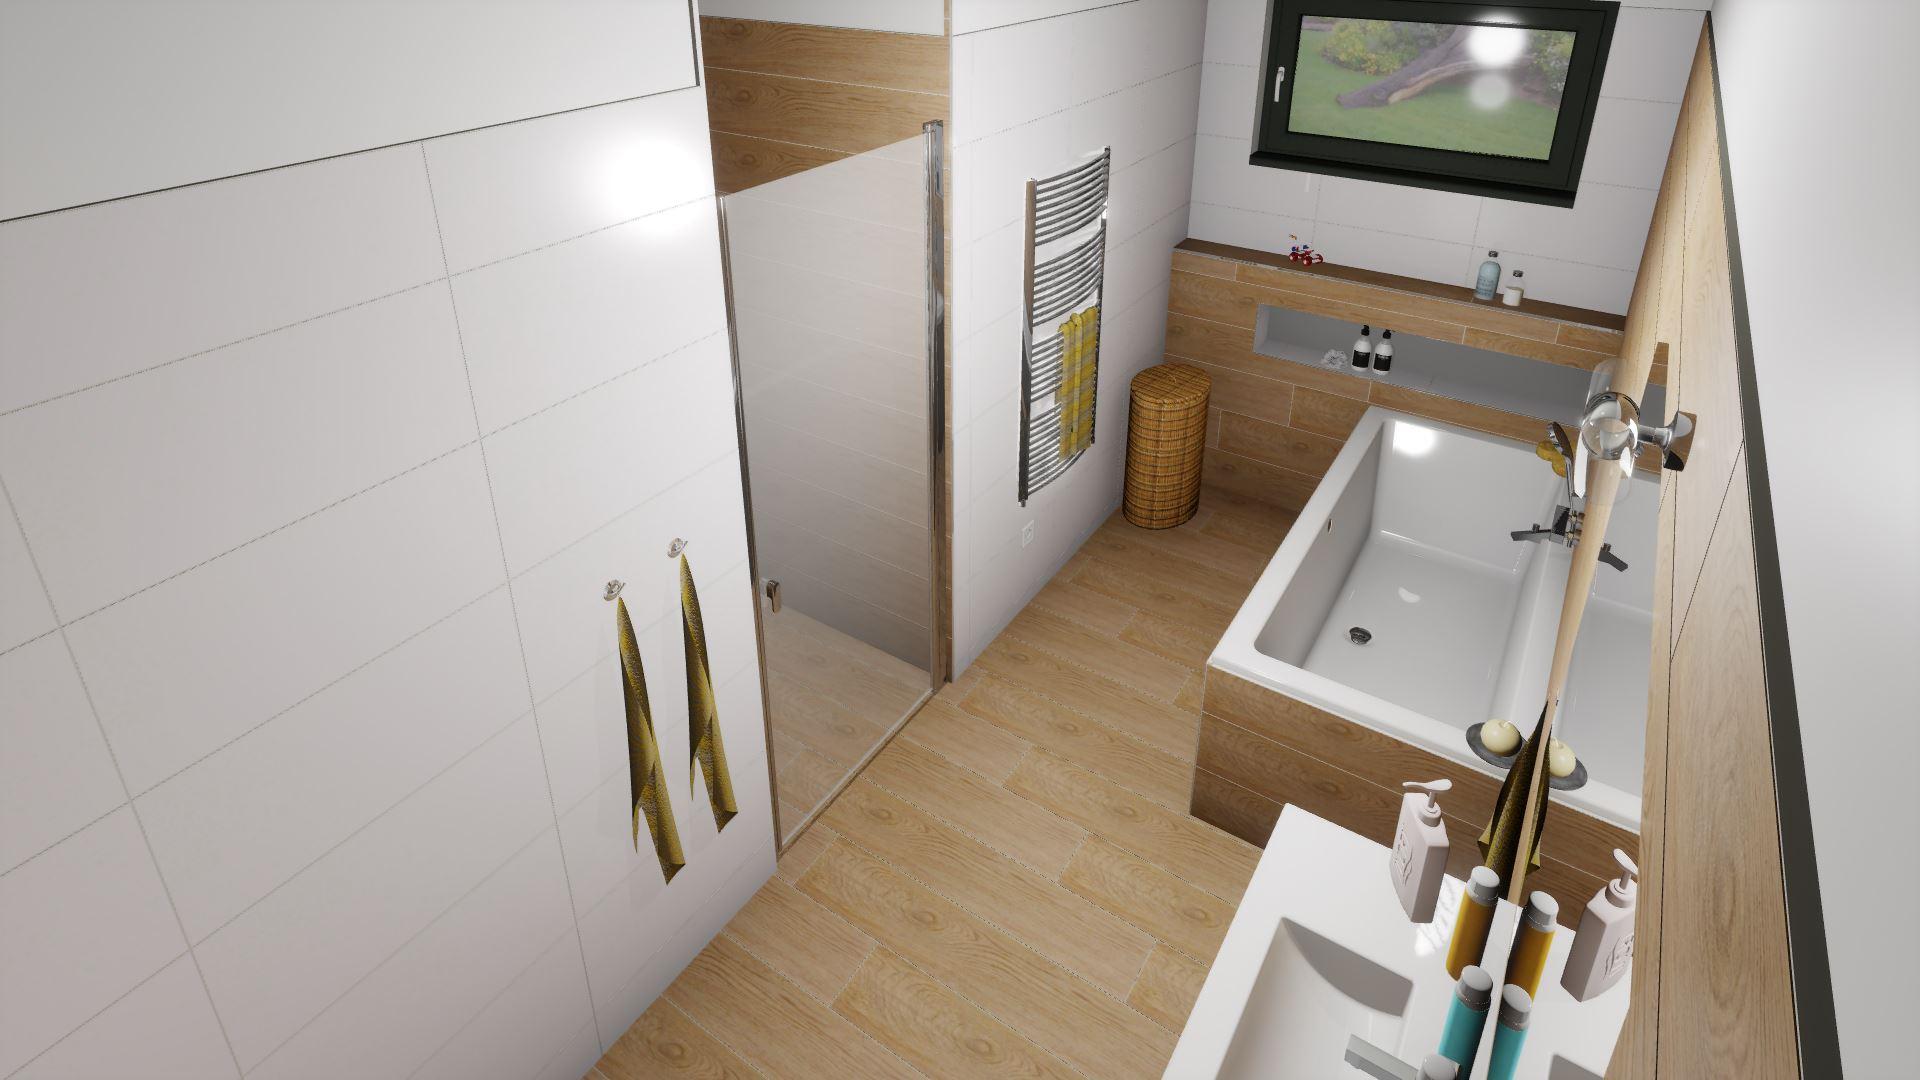 Dětská koupelna a přilehlé WC - Obrázek č. 2